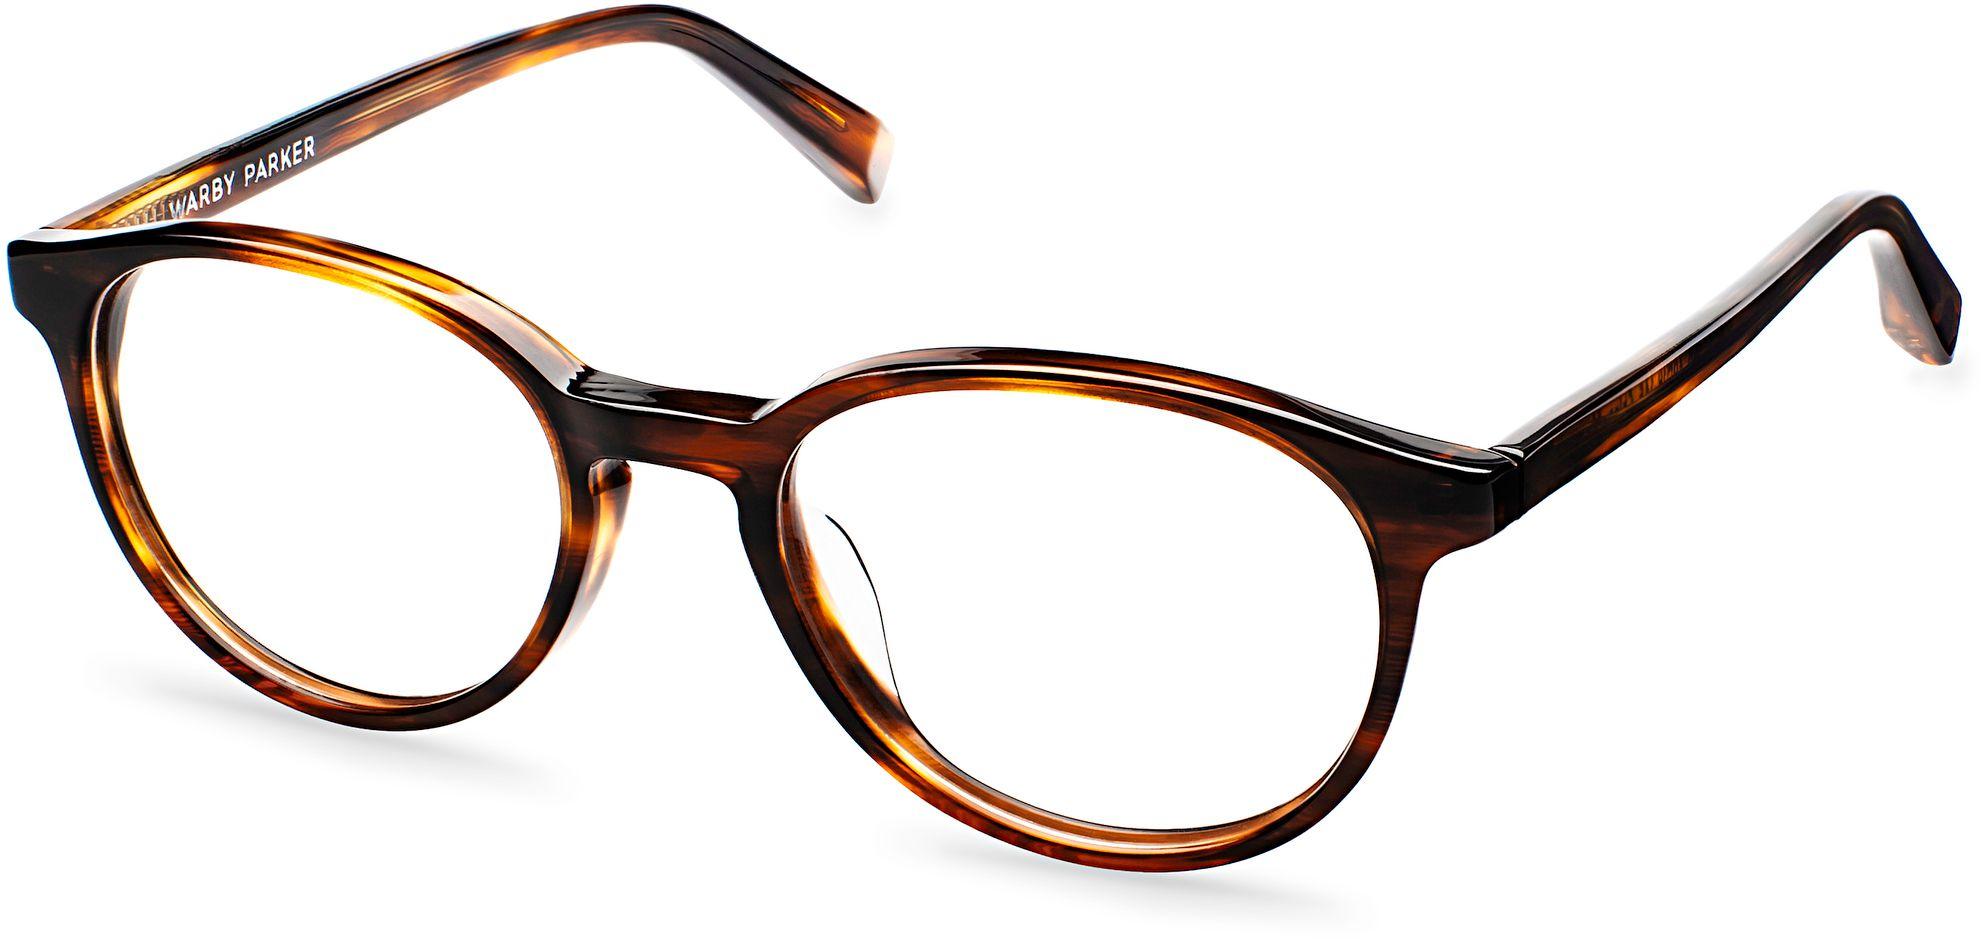 2d84cd13d2 Watts Eyeglasses in Sugar Maple for Men